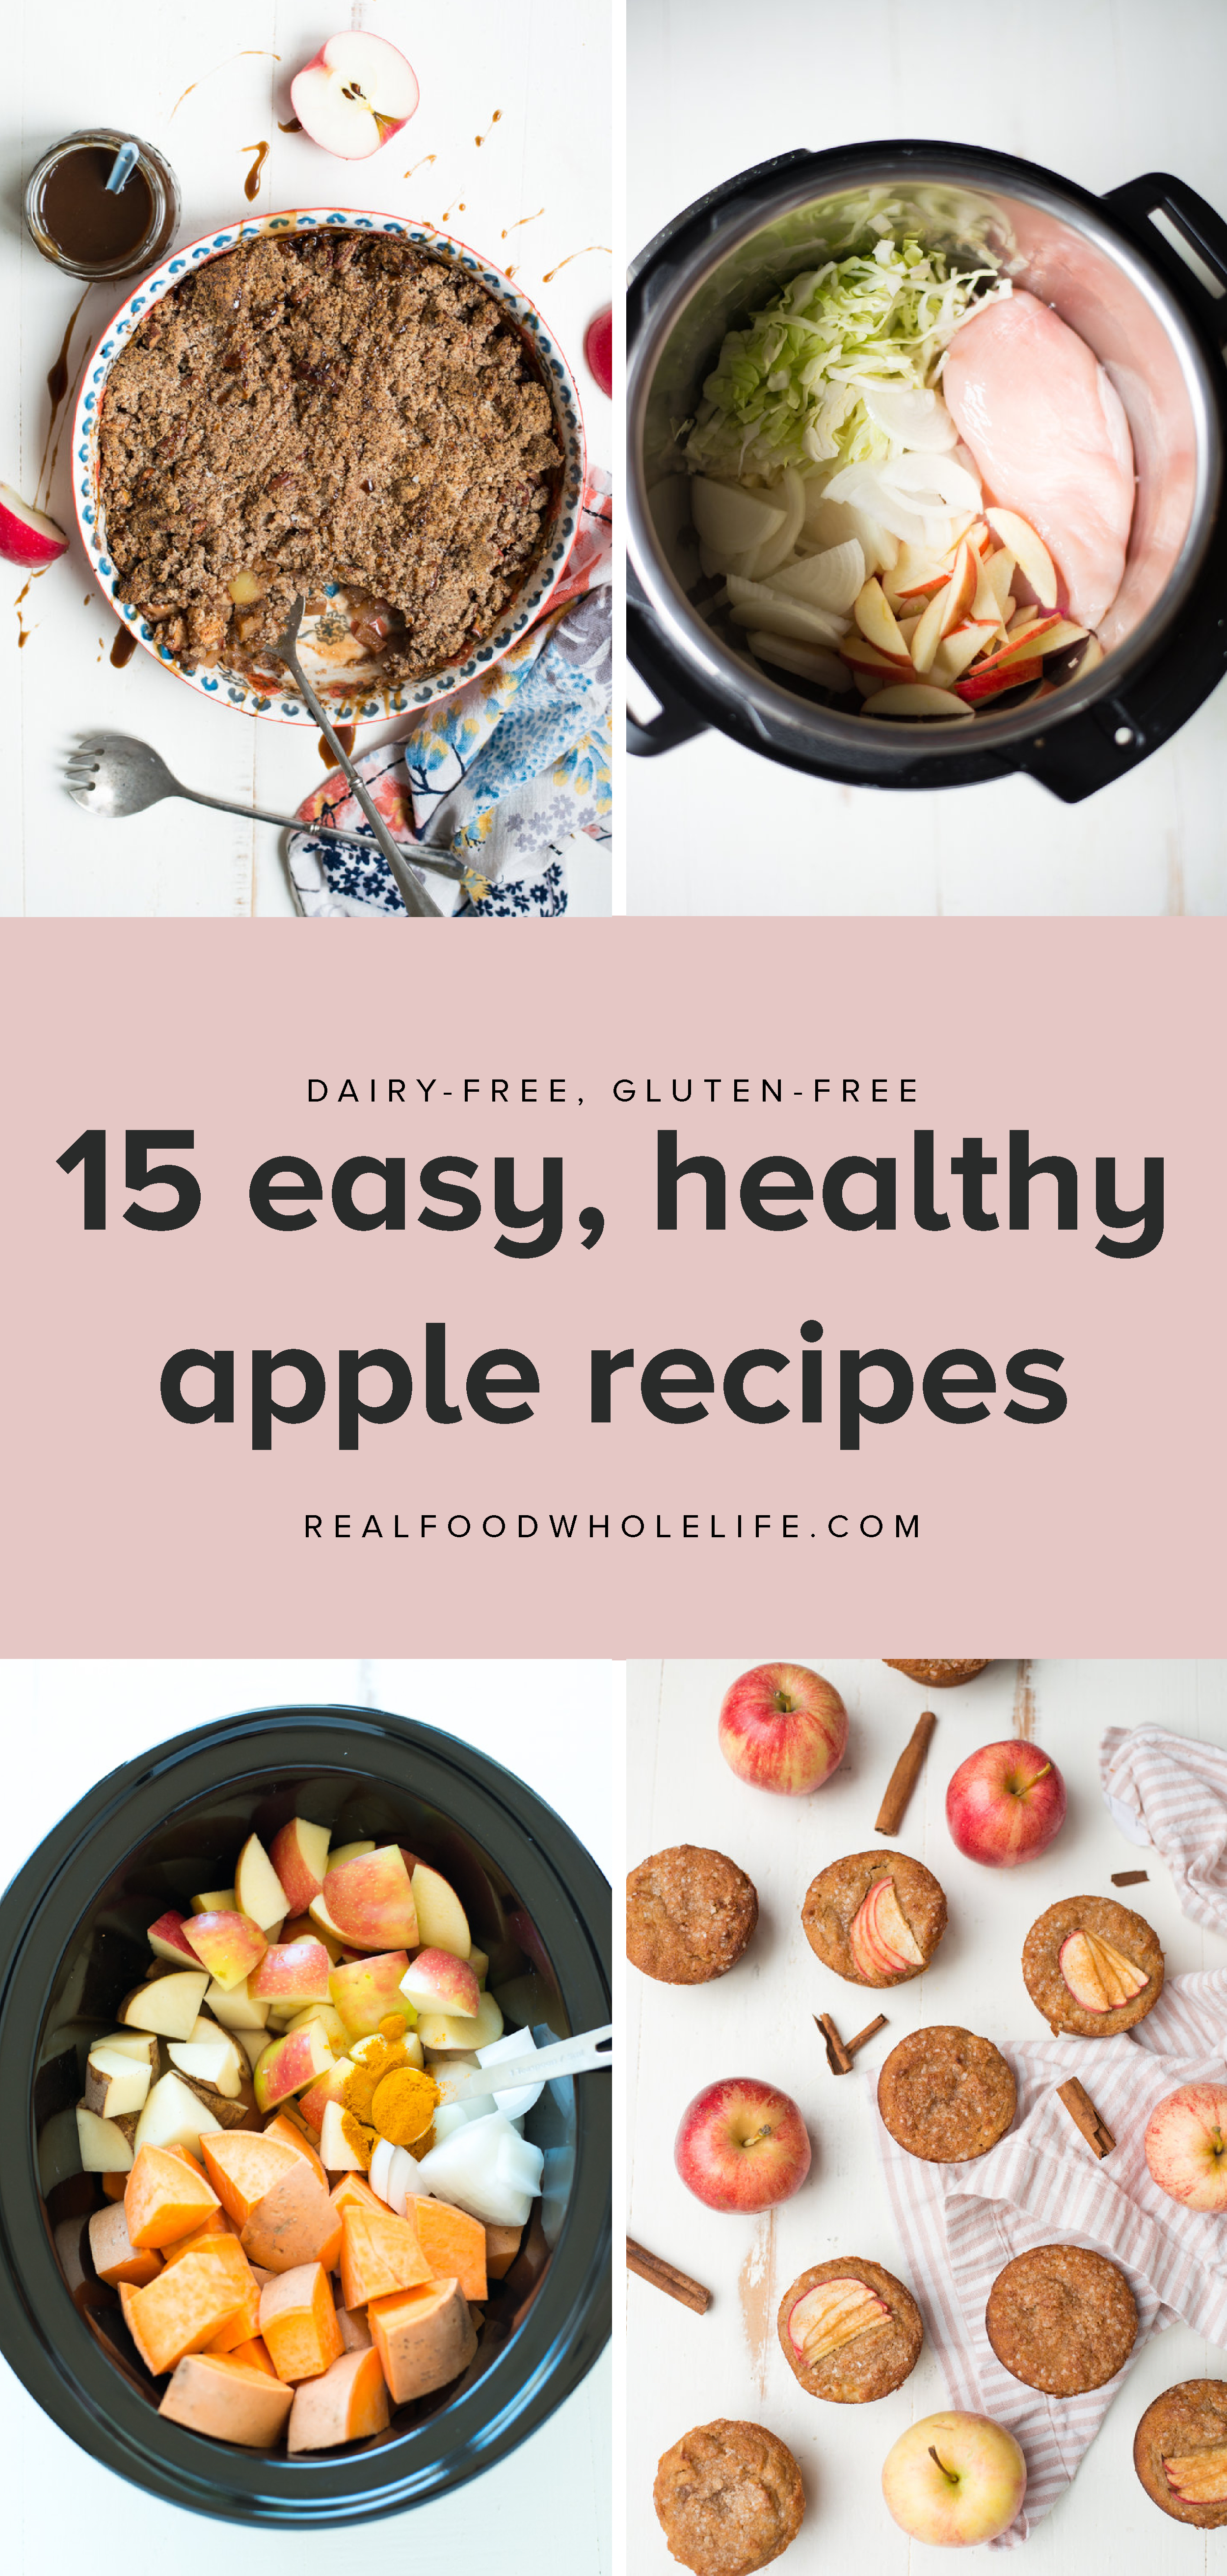 15 easy, healthy apple recipes from Real Food Whole Life. #realfoodwholeliferecipes #healthyapplerecipes #applerecipeideas #dairyfreerecipes #glutenfreerecipes #fallrecipes